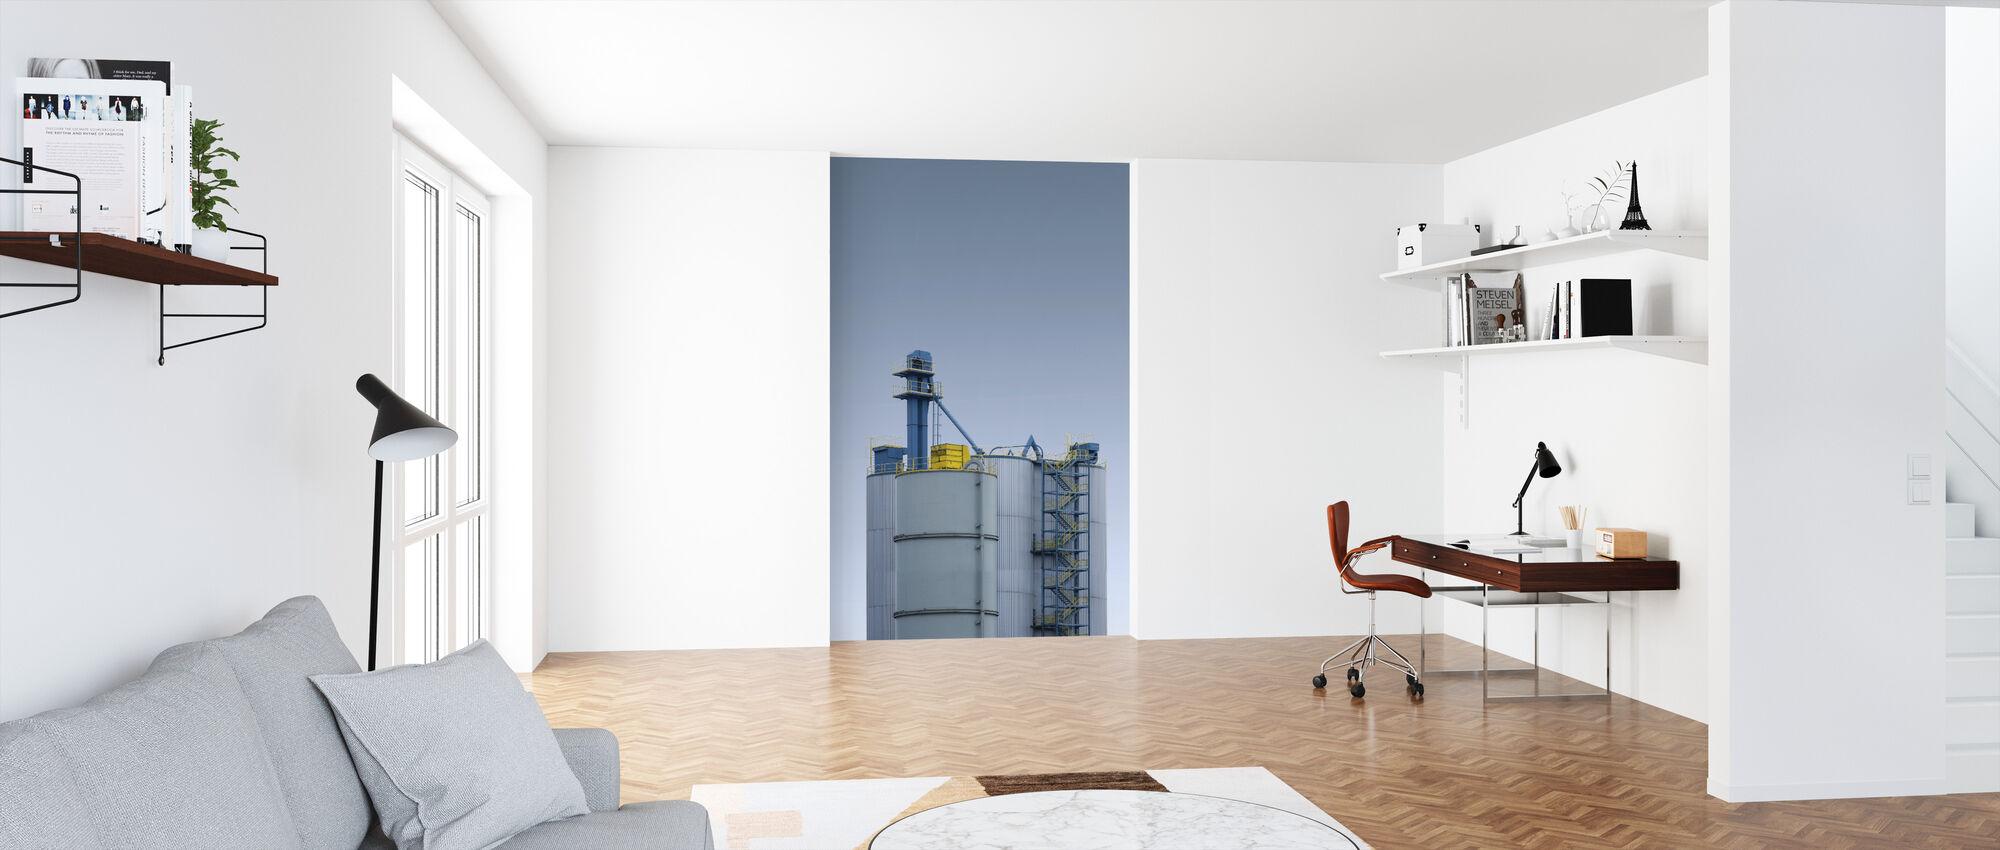 Barrel - Wallpaper - Office